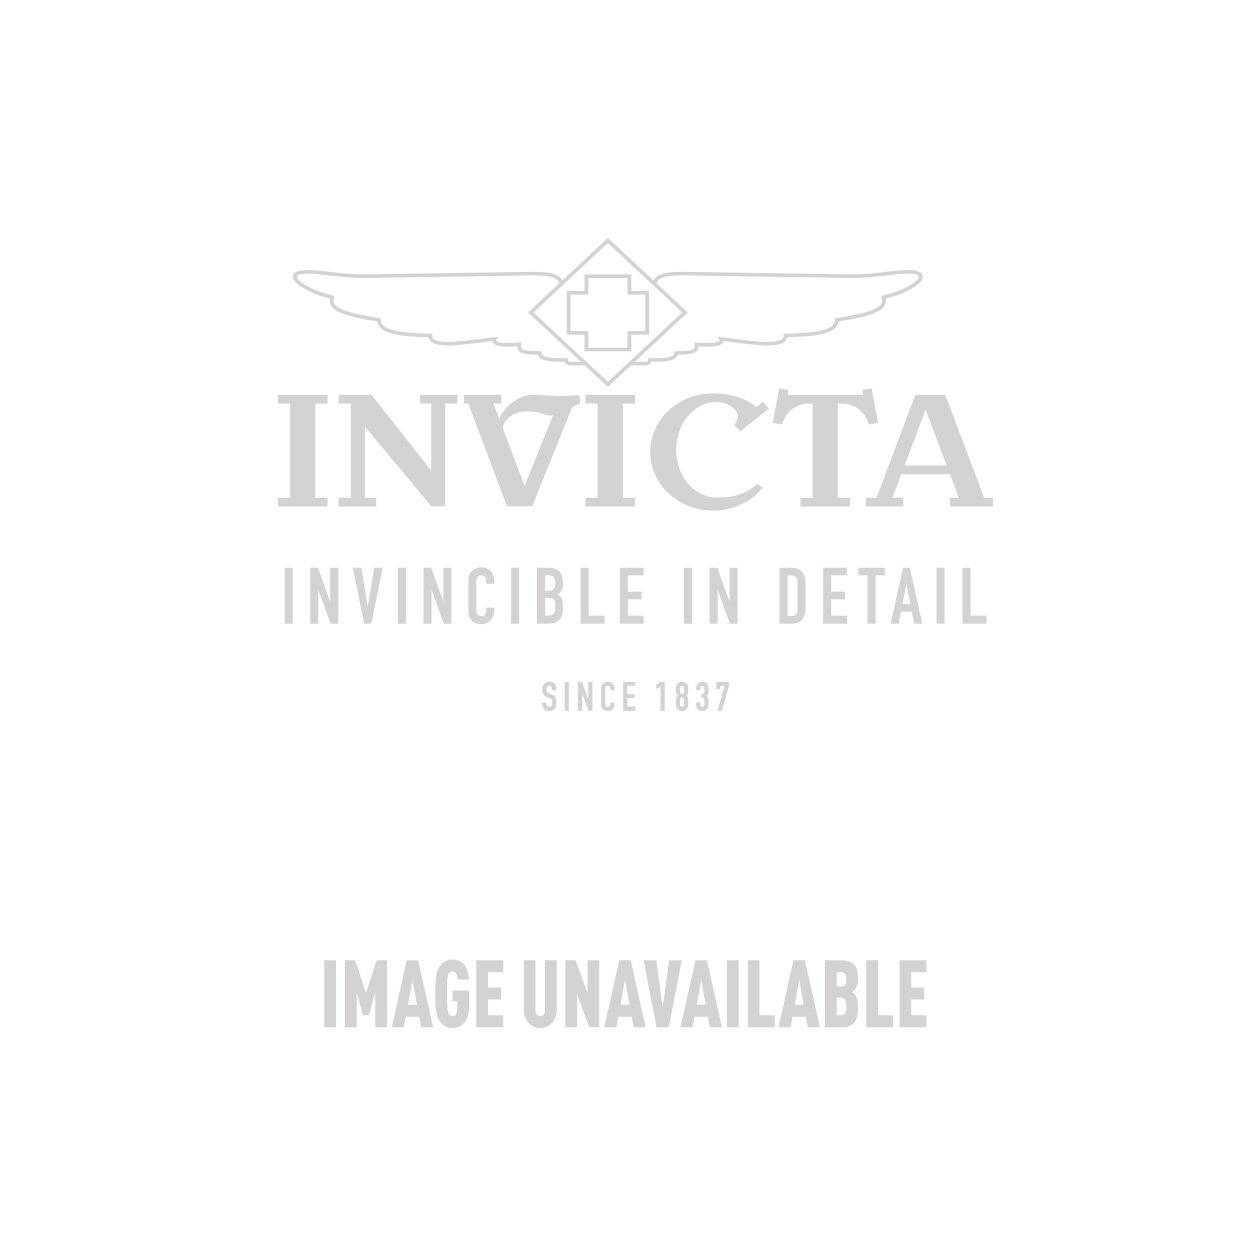 Invicta Model 28551